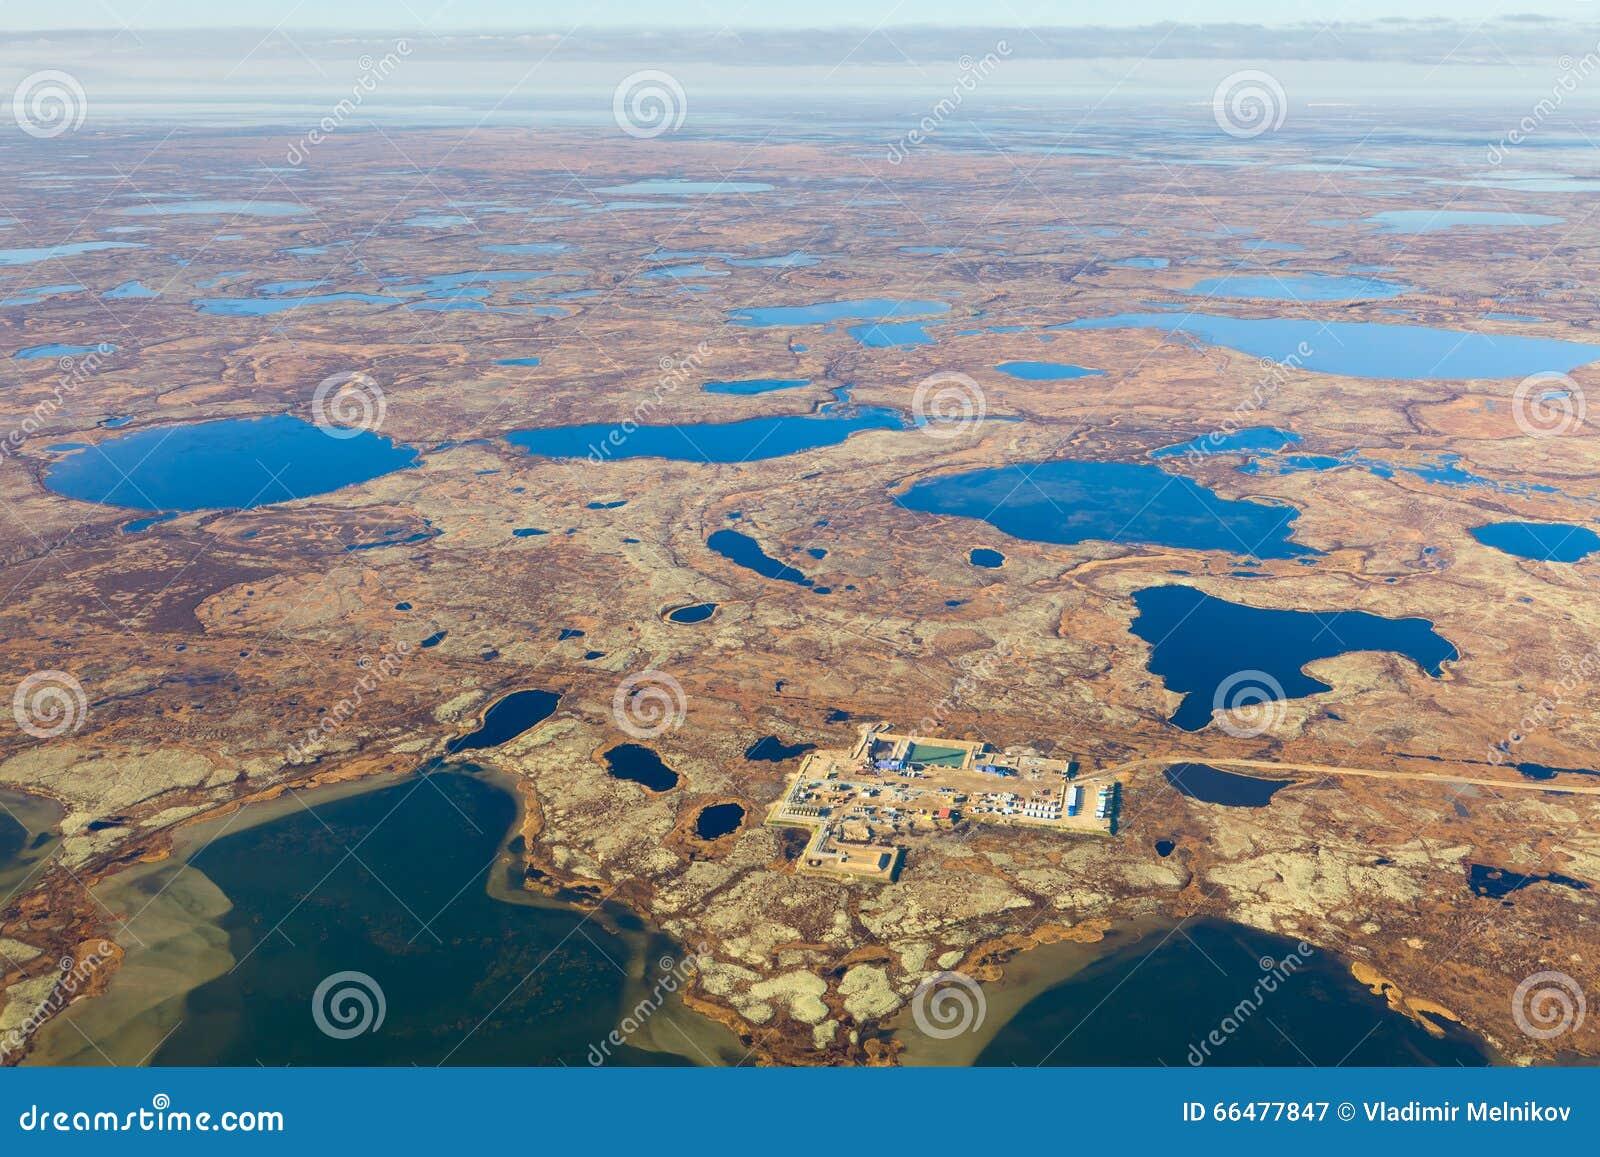 Πλατφόρμα άντλησης πετρελαίου tundra, τοπ άποψη